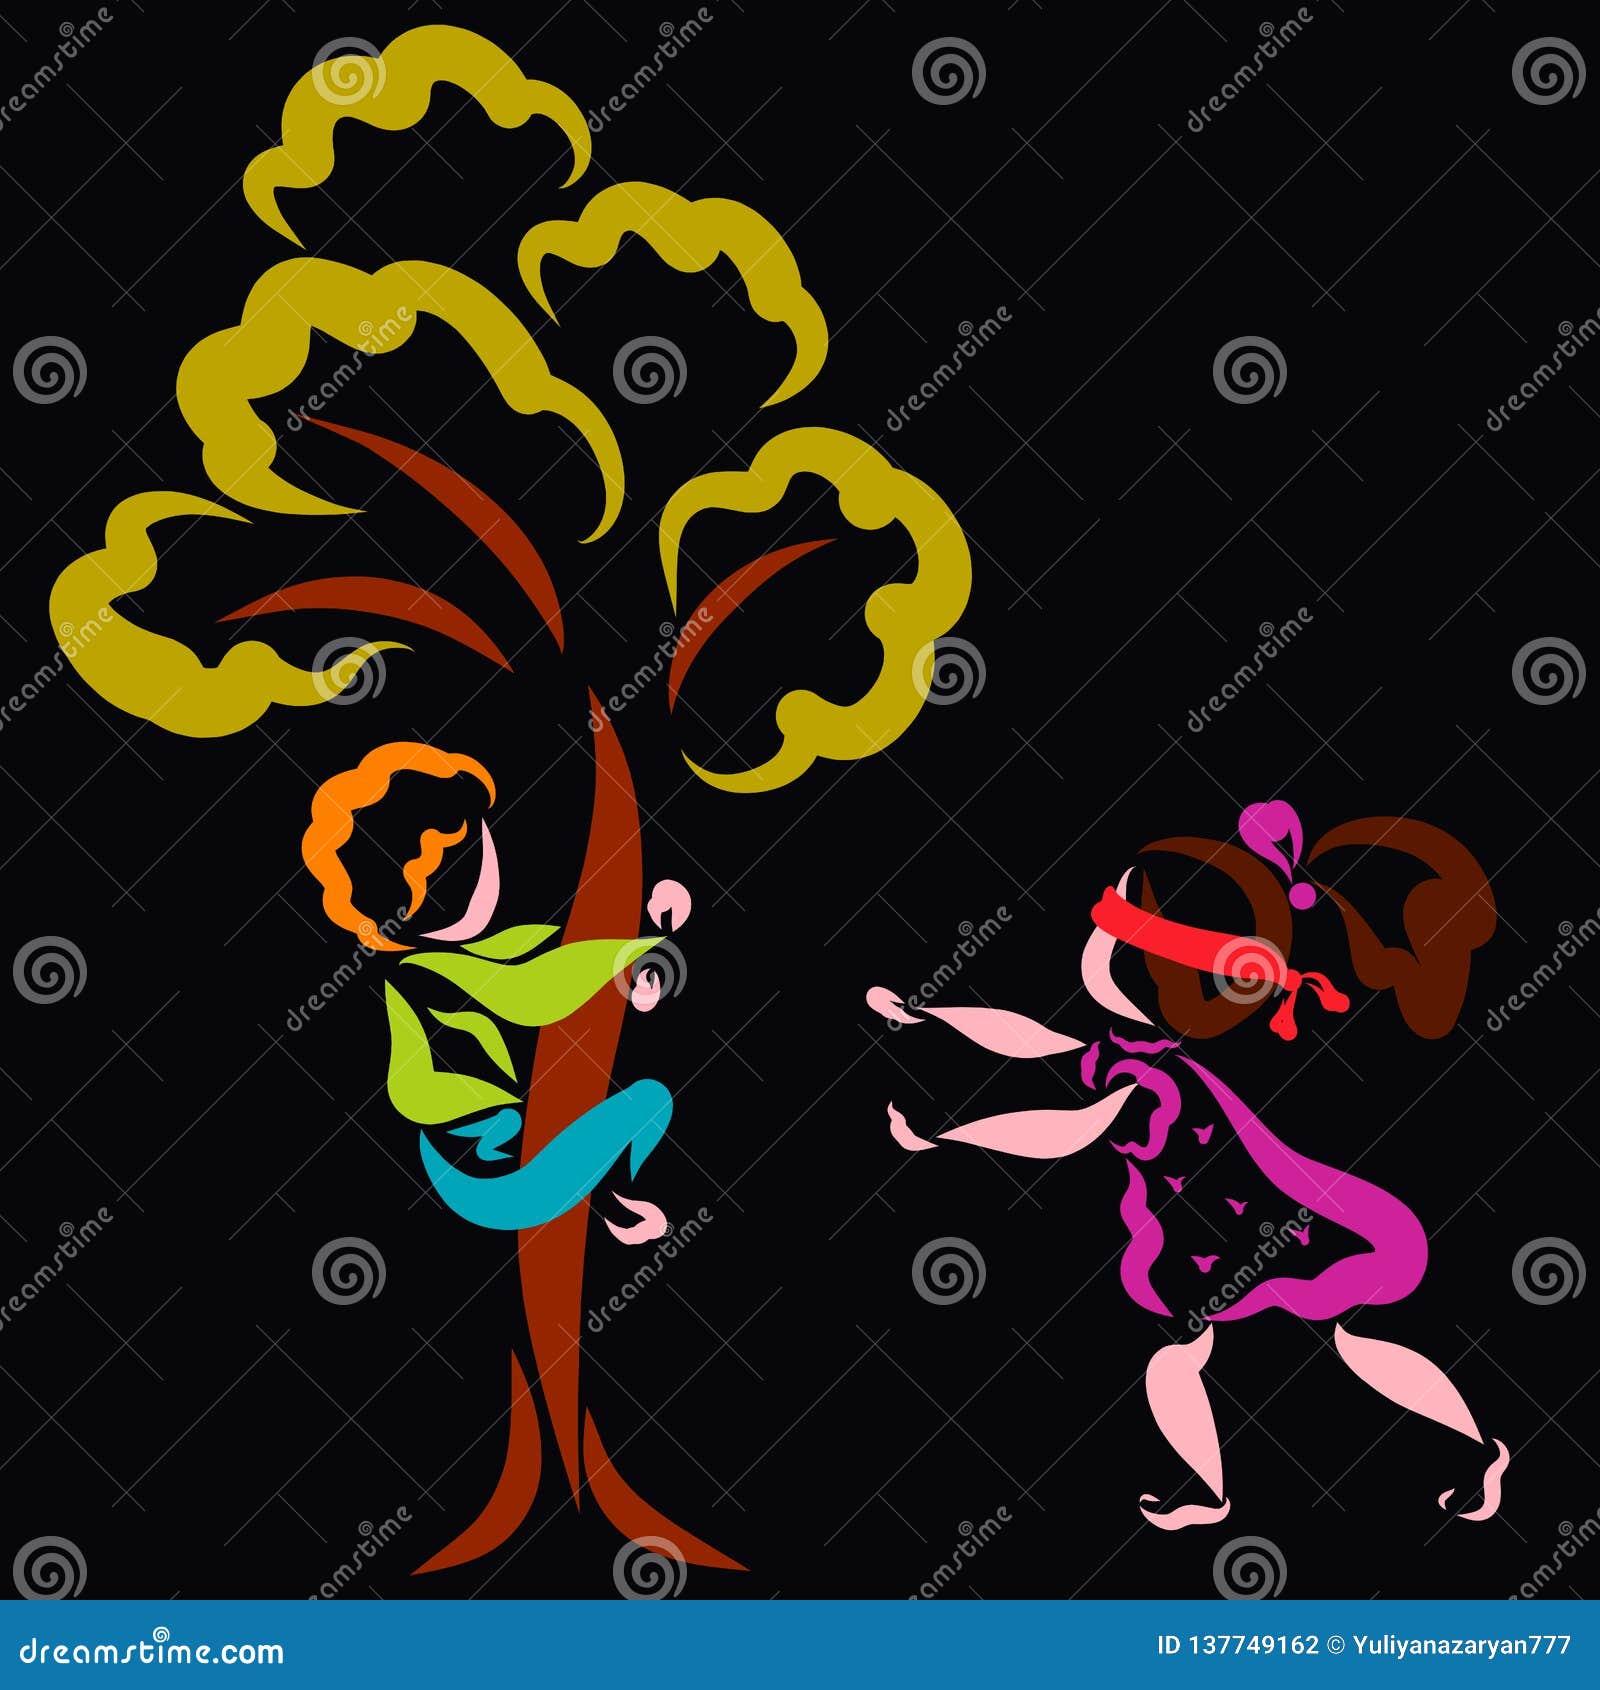 Der Junge versteckt sich in einem Baum, und das Mädchen sucht ihn, Verstecken